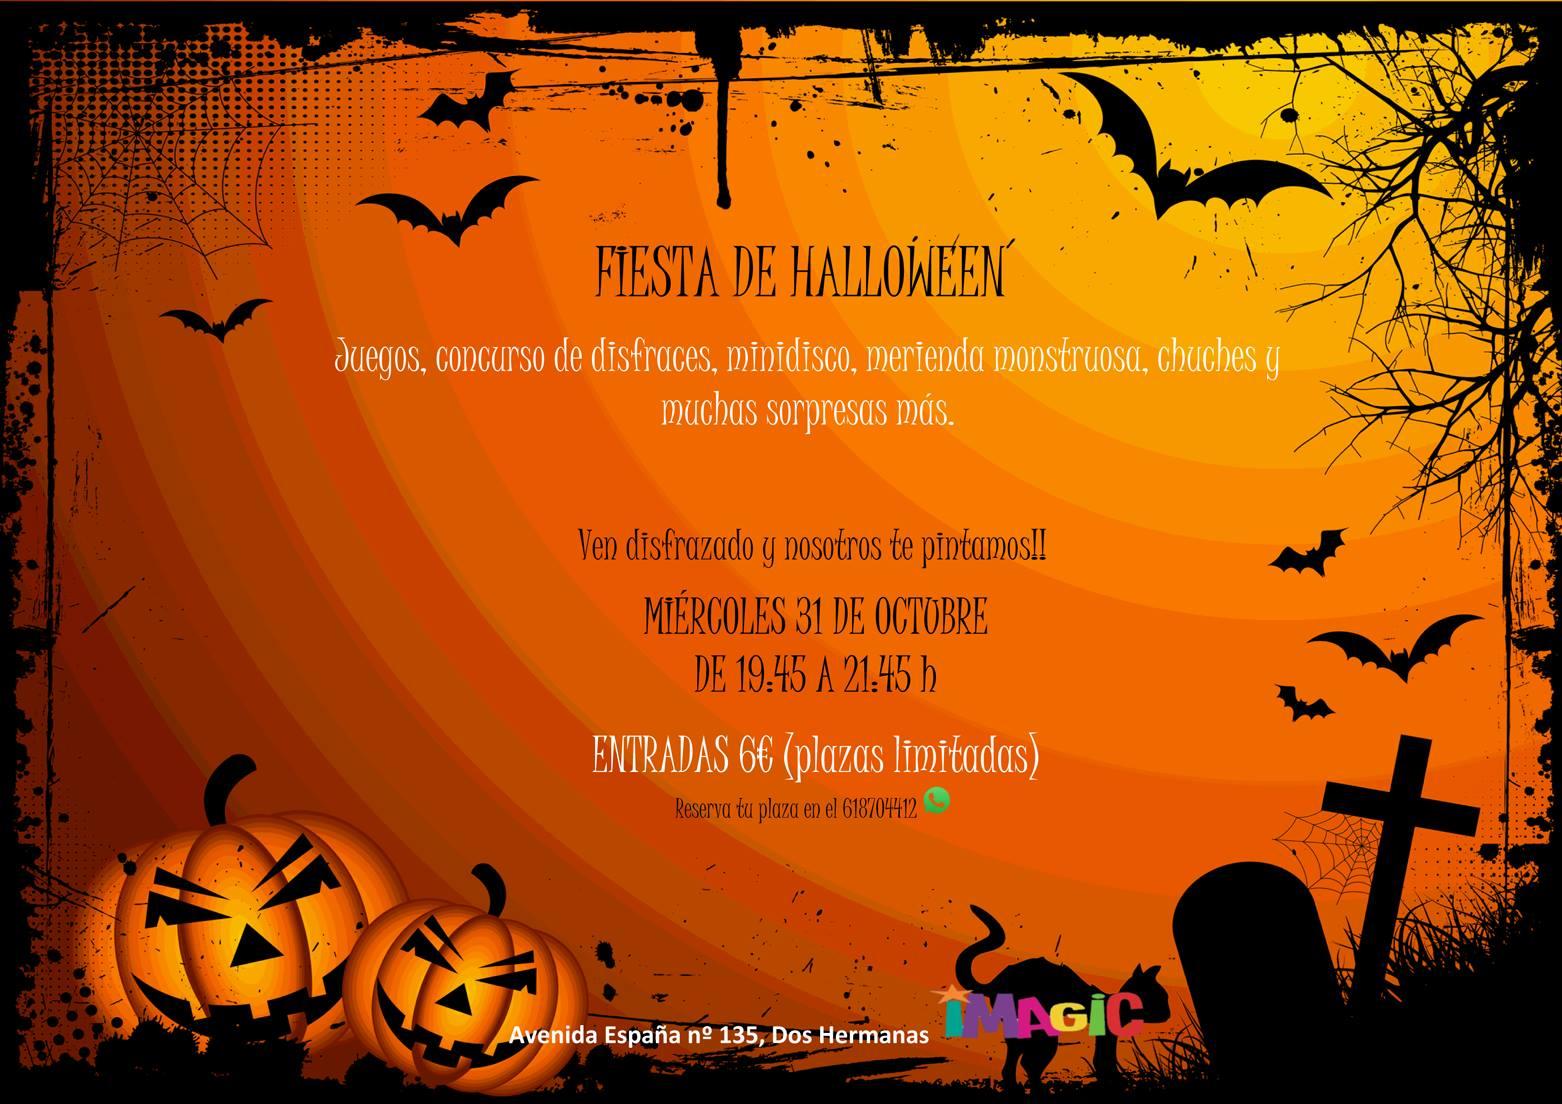 Fiesta de Halloween en Ludoteca Imagic